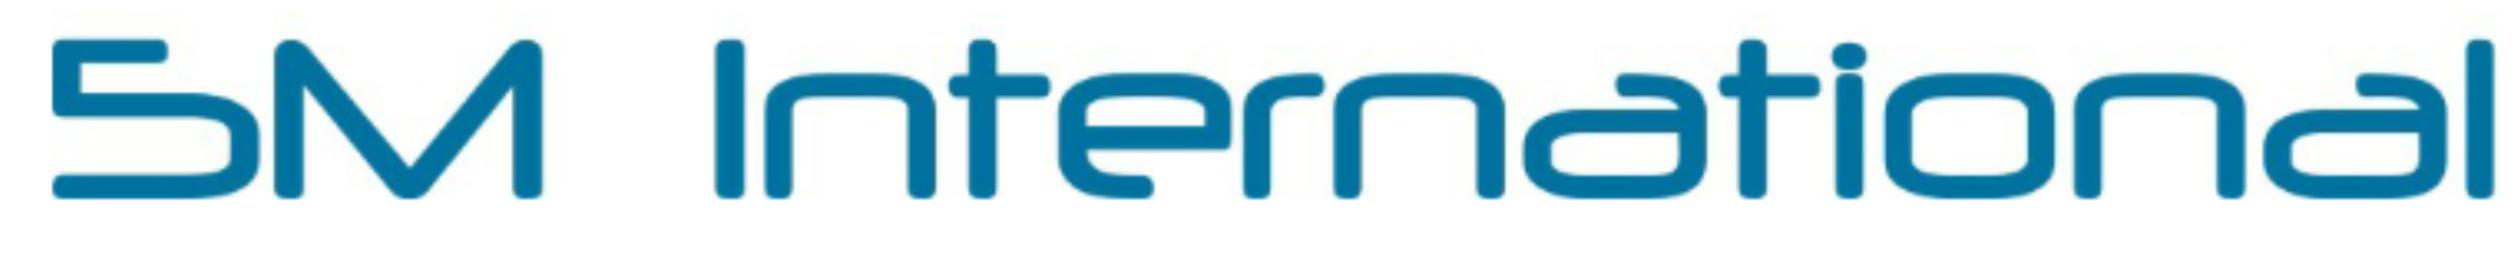 5m logo - Copy.png